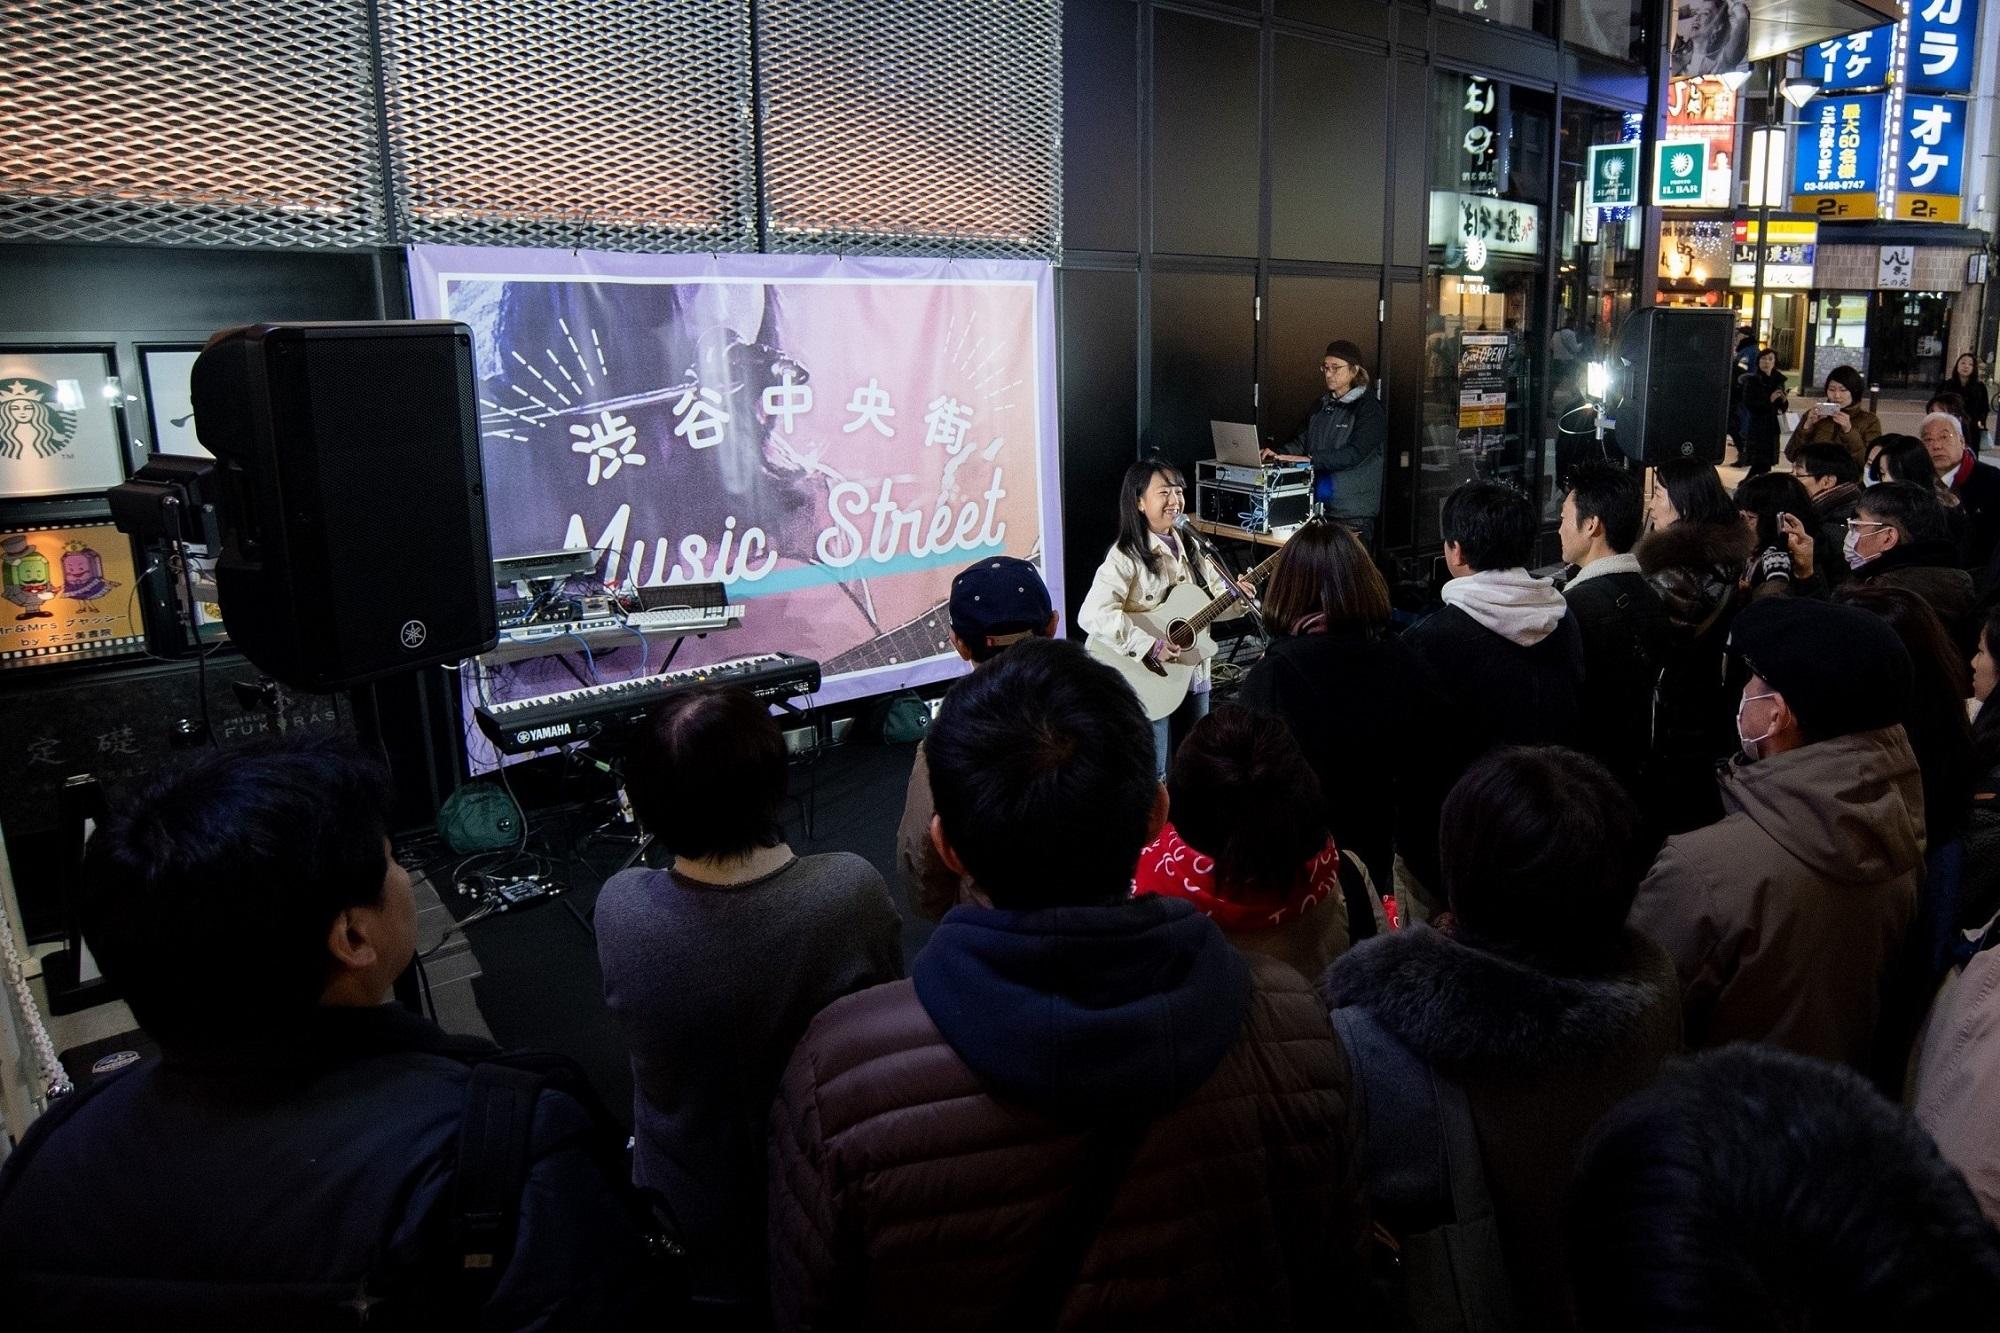 【ライブレポート】渋谷の街で新たな才能を応援!Eggsと渋谷中央街がコラボ、渋谷まちびらき2019公認ストリートライブ「渋谷中央街Music Street」開催!